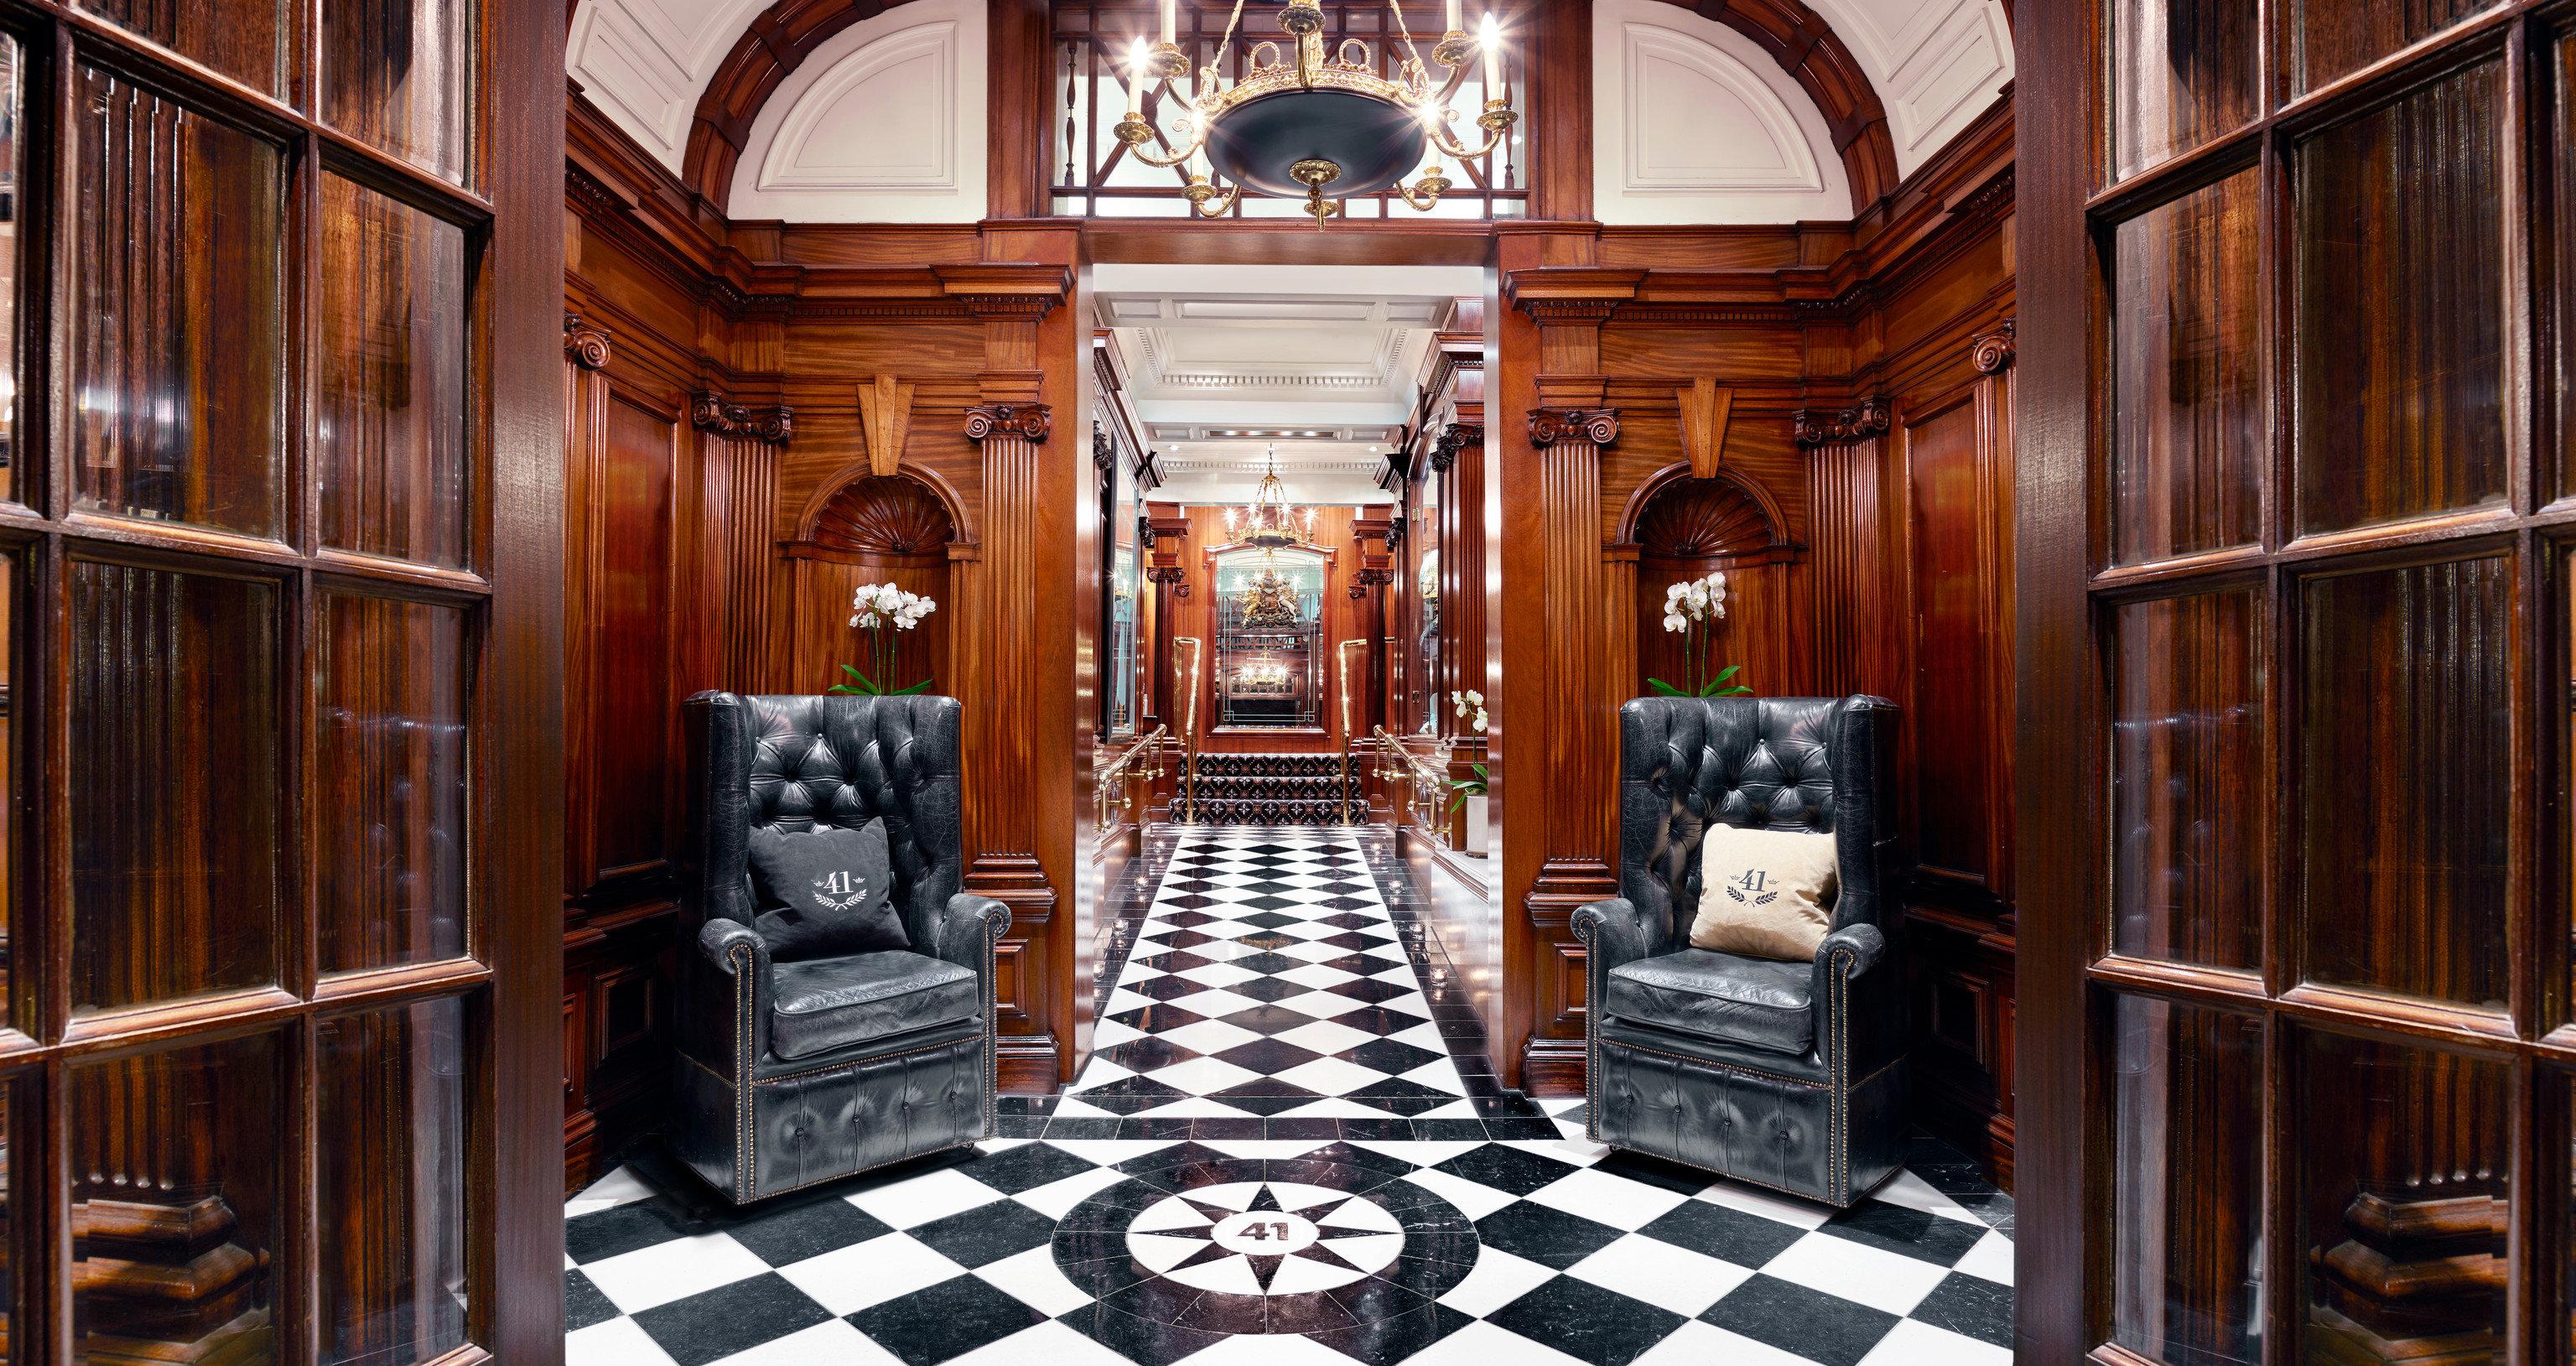 Hotels indoor floor room estate mansion wooden interior design hall furniture wood tile